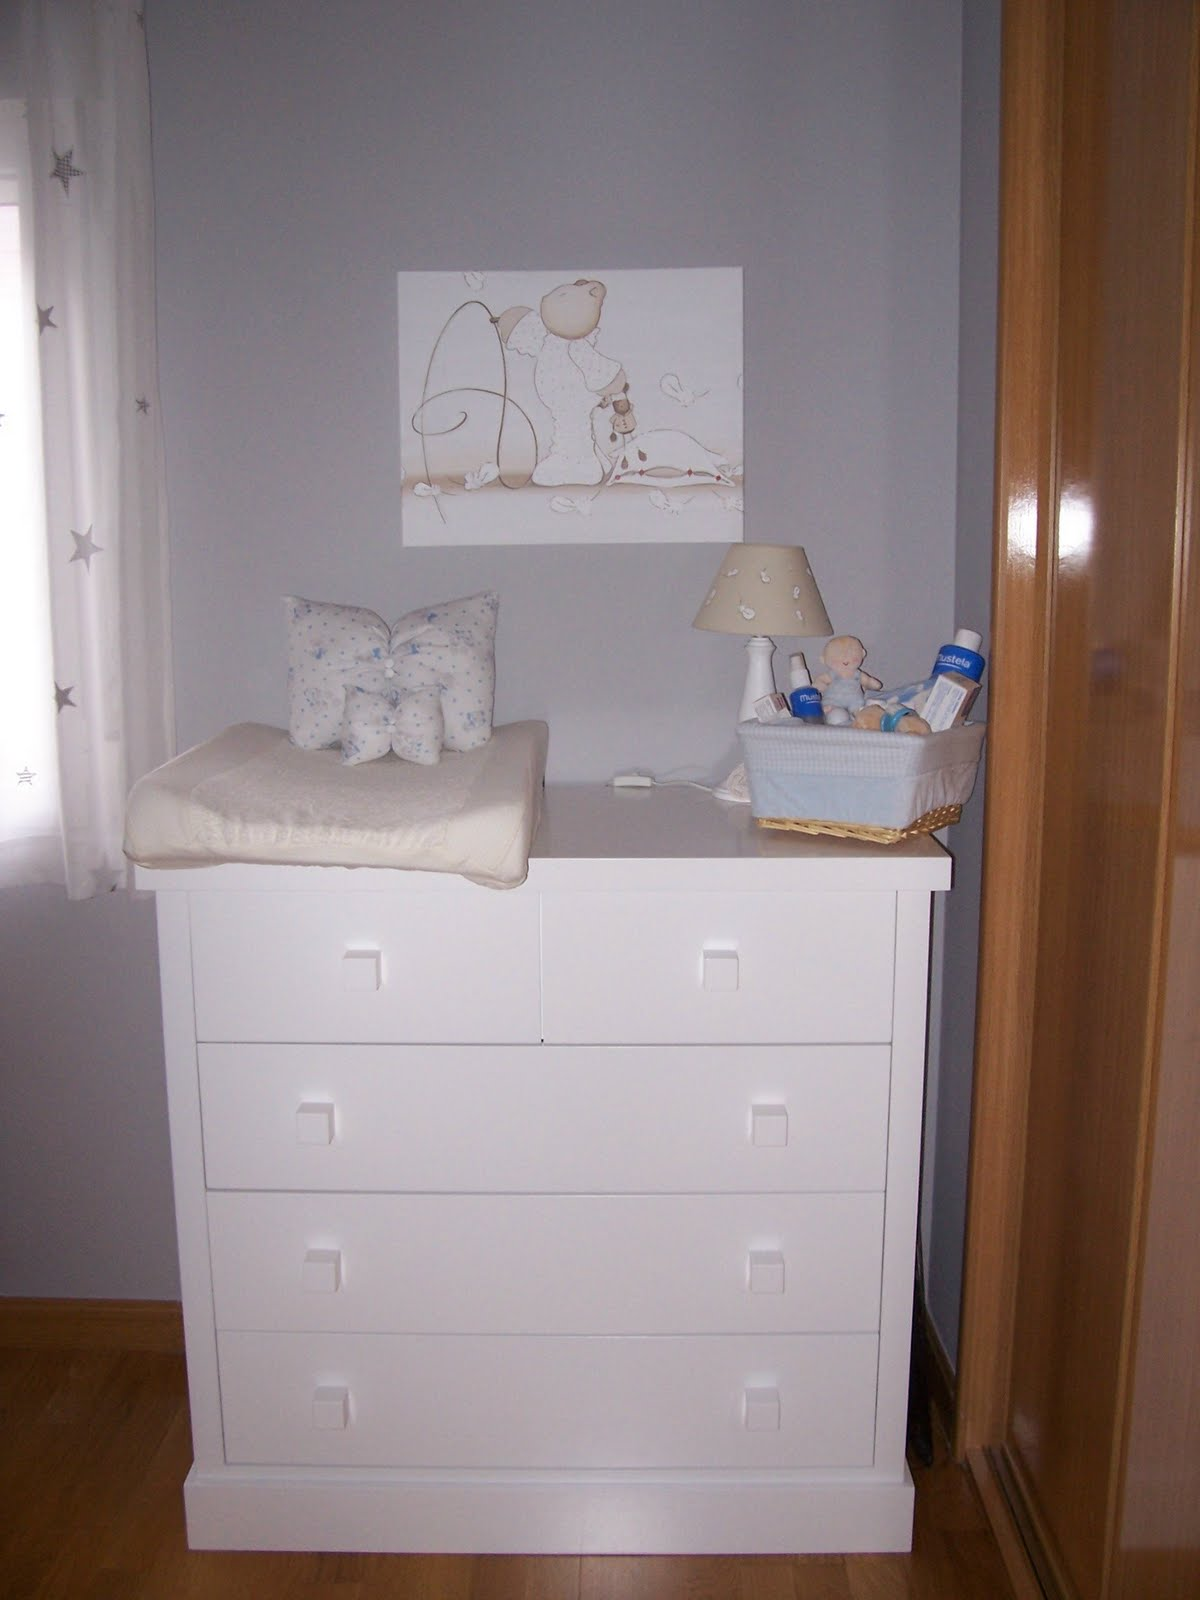 Caracolas deco julio 2010 - Colchon para cambiador de bebe ...